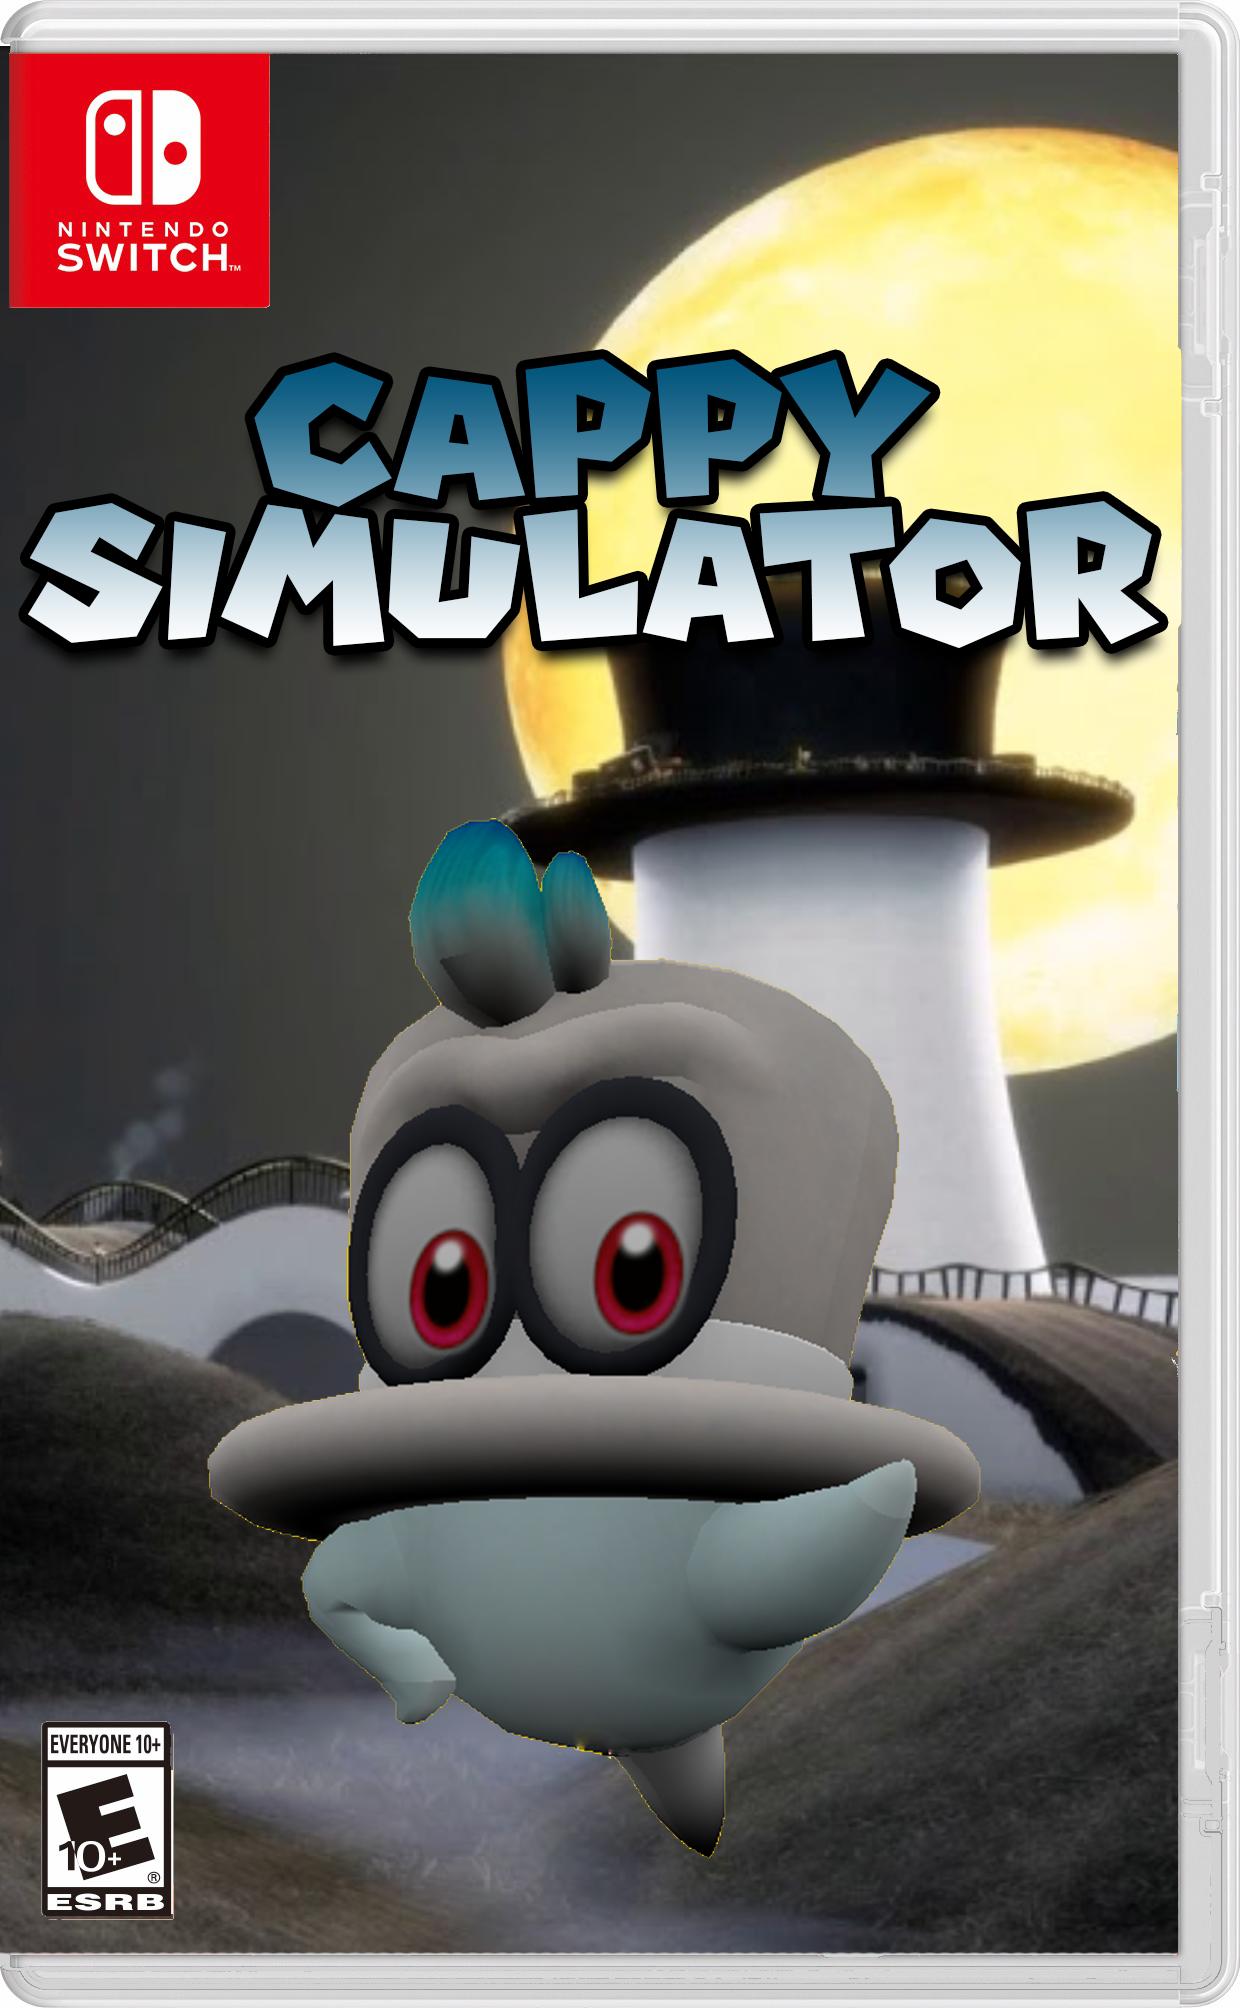 Cappy Simulator